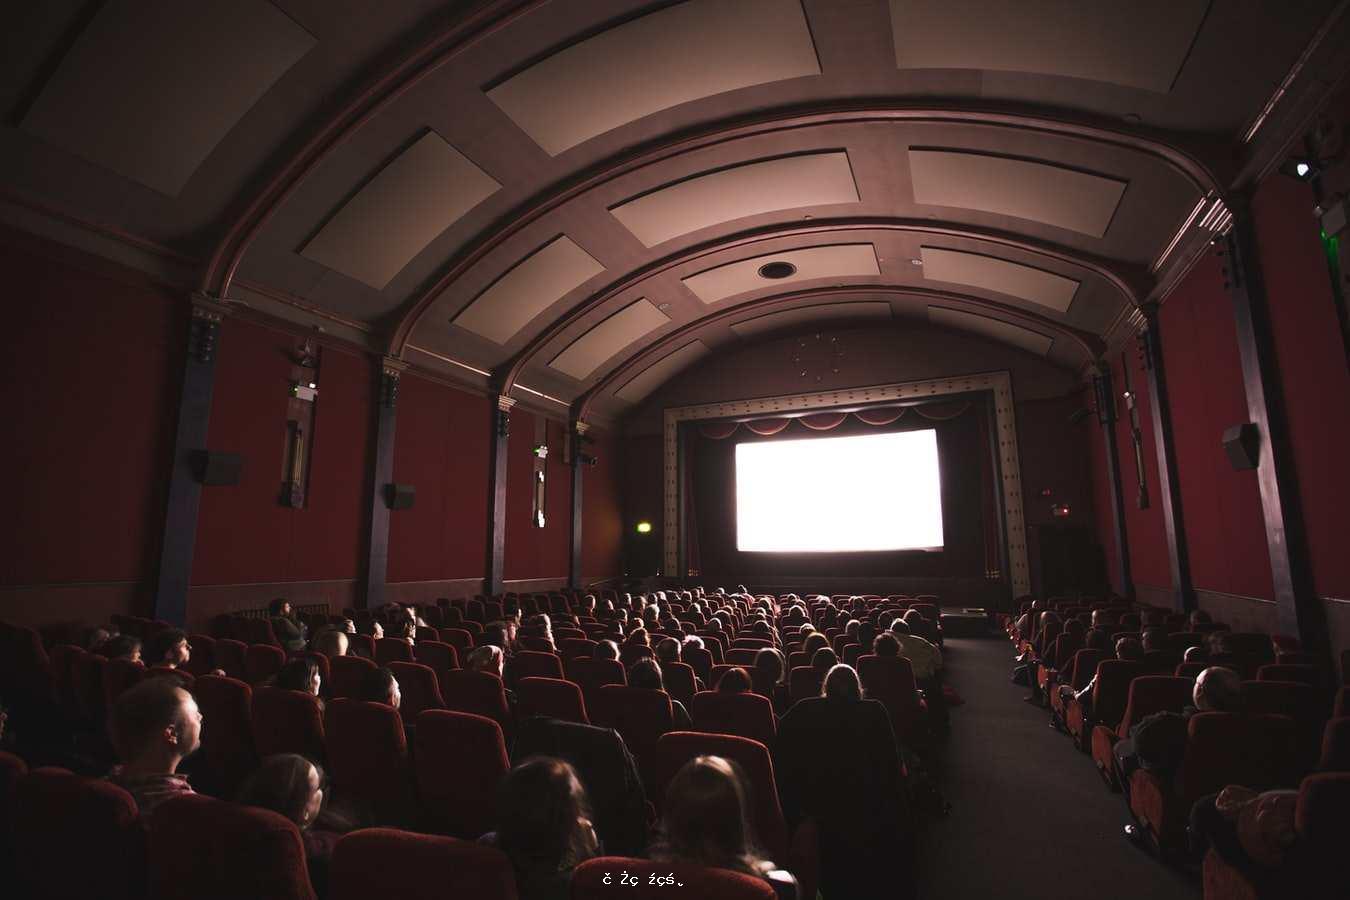 新年電影票房過百億,但電影票價卻越漲越高,電影自由要沒了嗎?